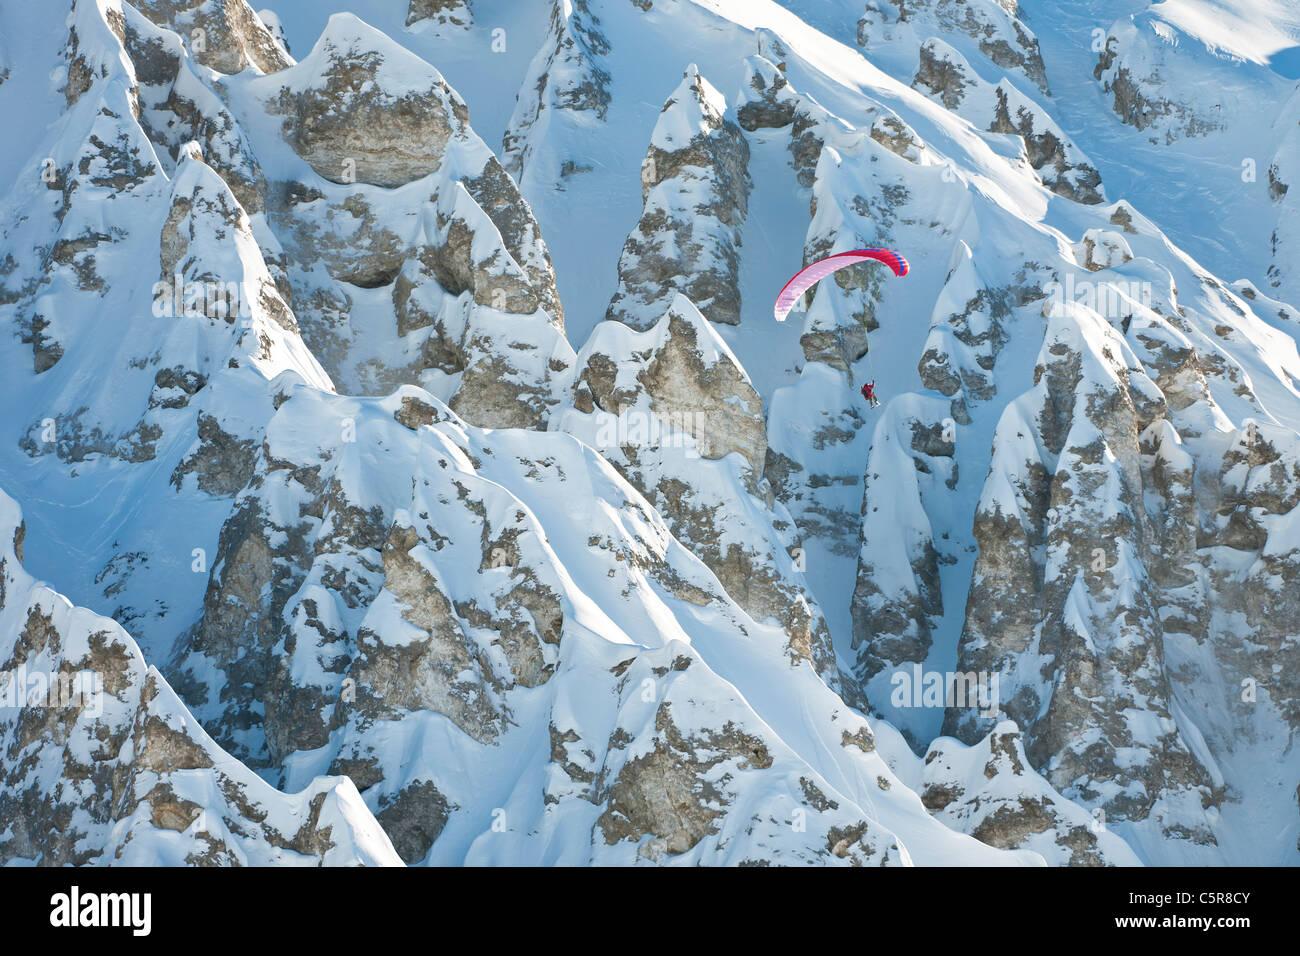 Ein Gleitschirmflieger eine beeindruckende Felsformation Berg vorbeifliegen. Stockbild